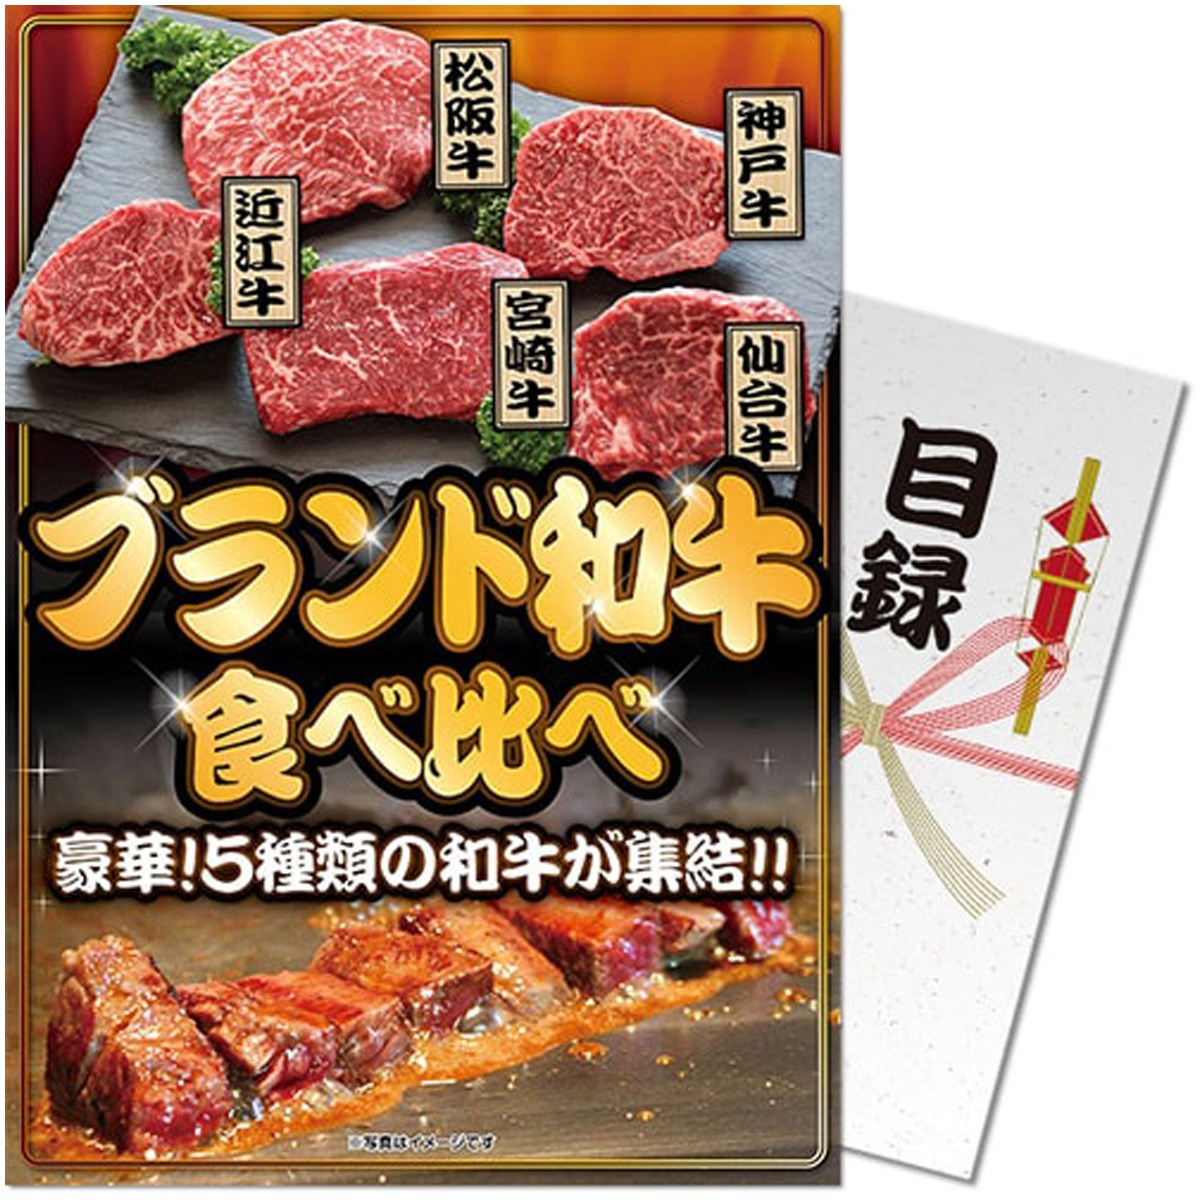 [定番モデル] パネもく!ブランド牛5種ステーキ食べ比べ 目録 A4パネル付き メンズ ゴルフ